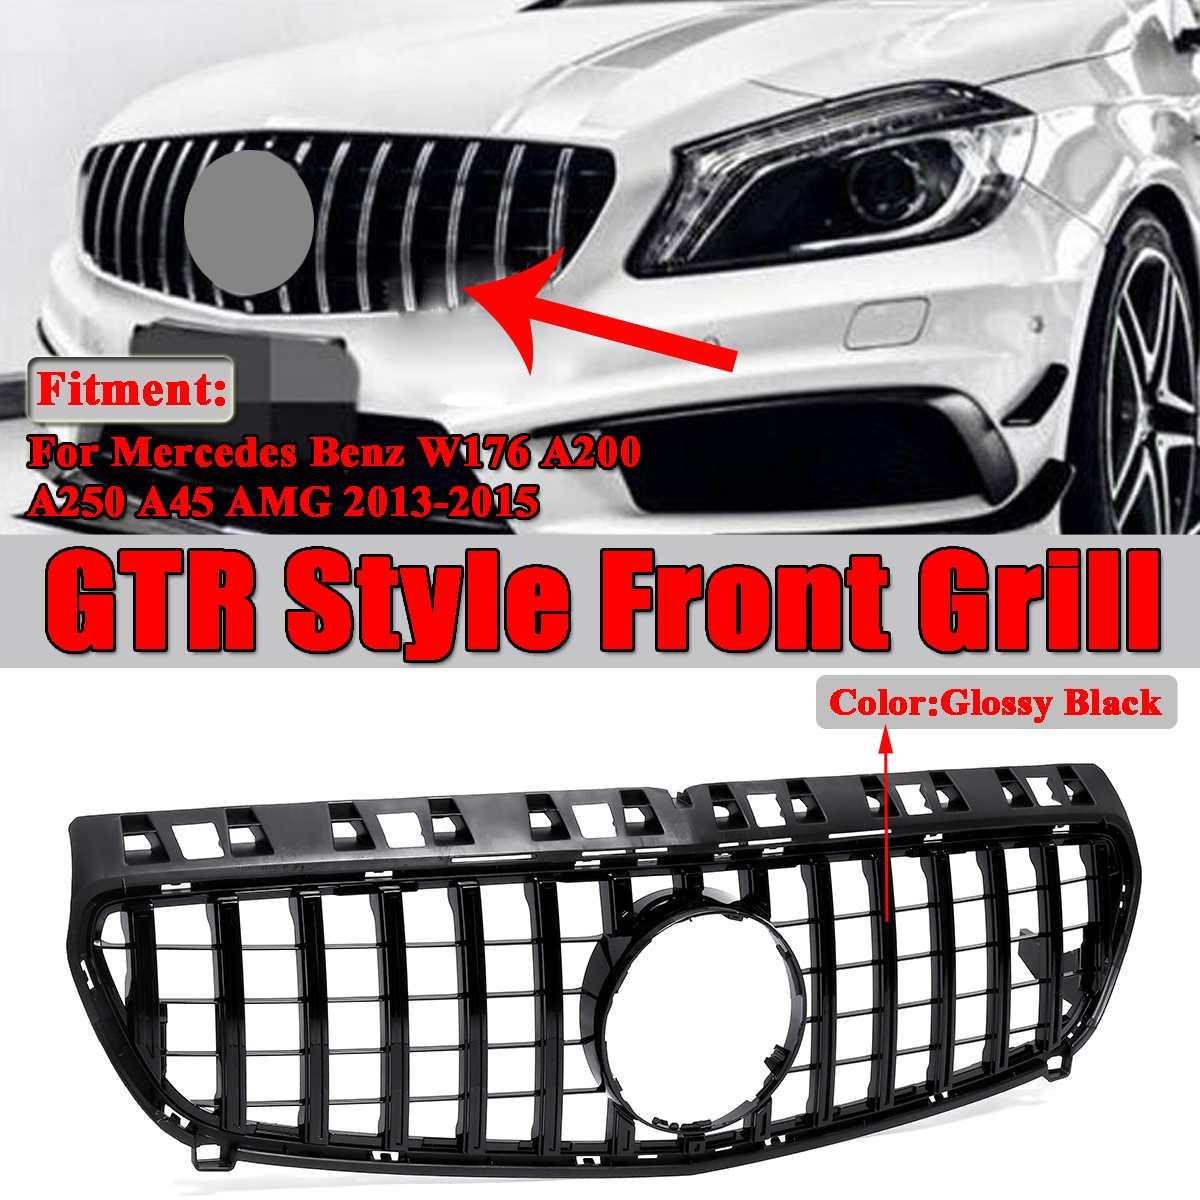 1x grilles de gril de course avant de Style de voiture GTR pour Mercedes pour Benz Facelift W176 A180 A200 A250 A45 AMG 2013-2015 sans emblème